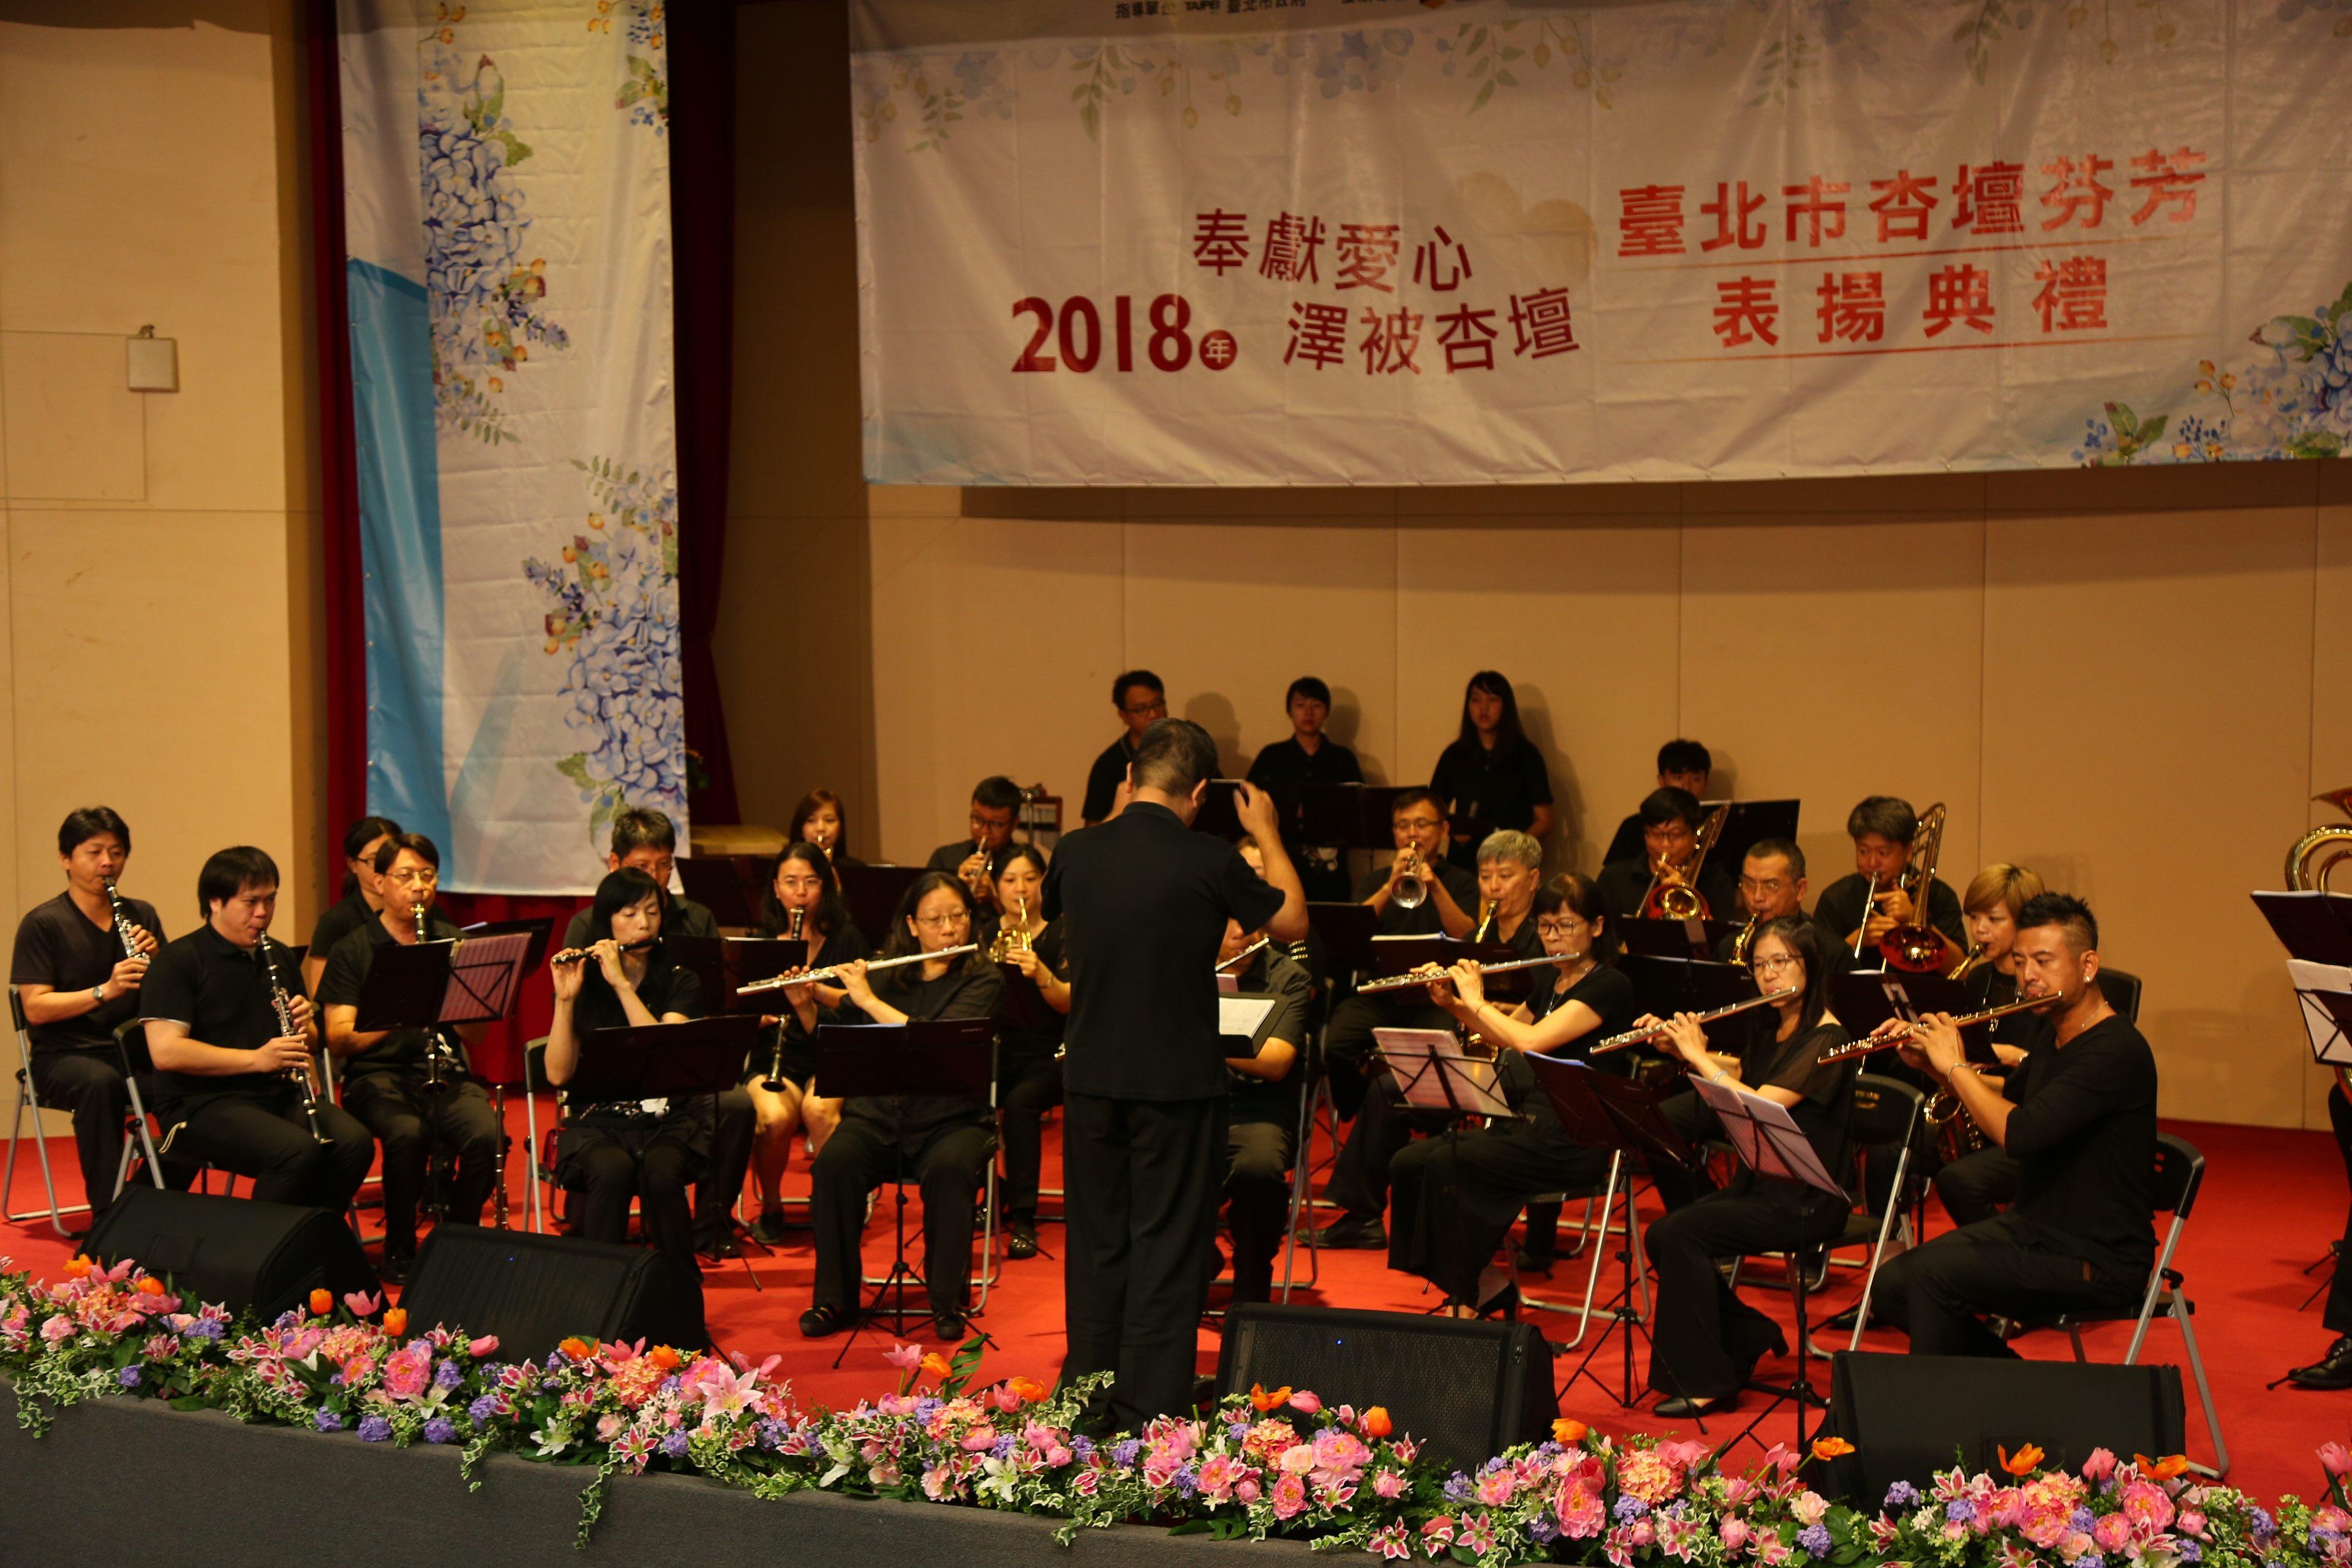 2018年臺北市杏壇芬芳表揚典禮